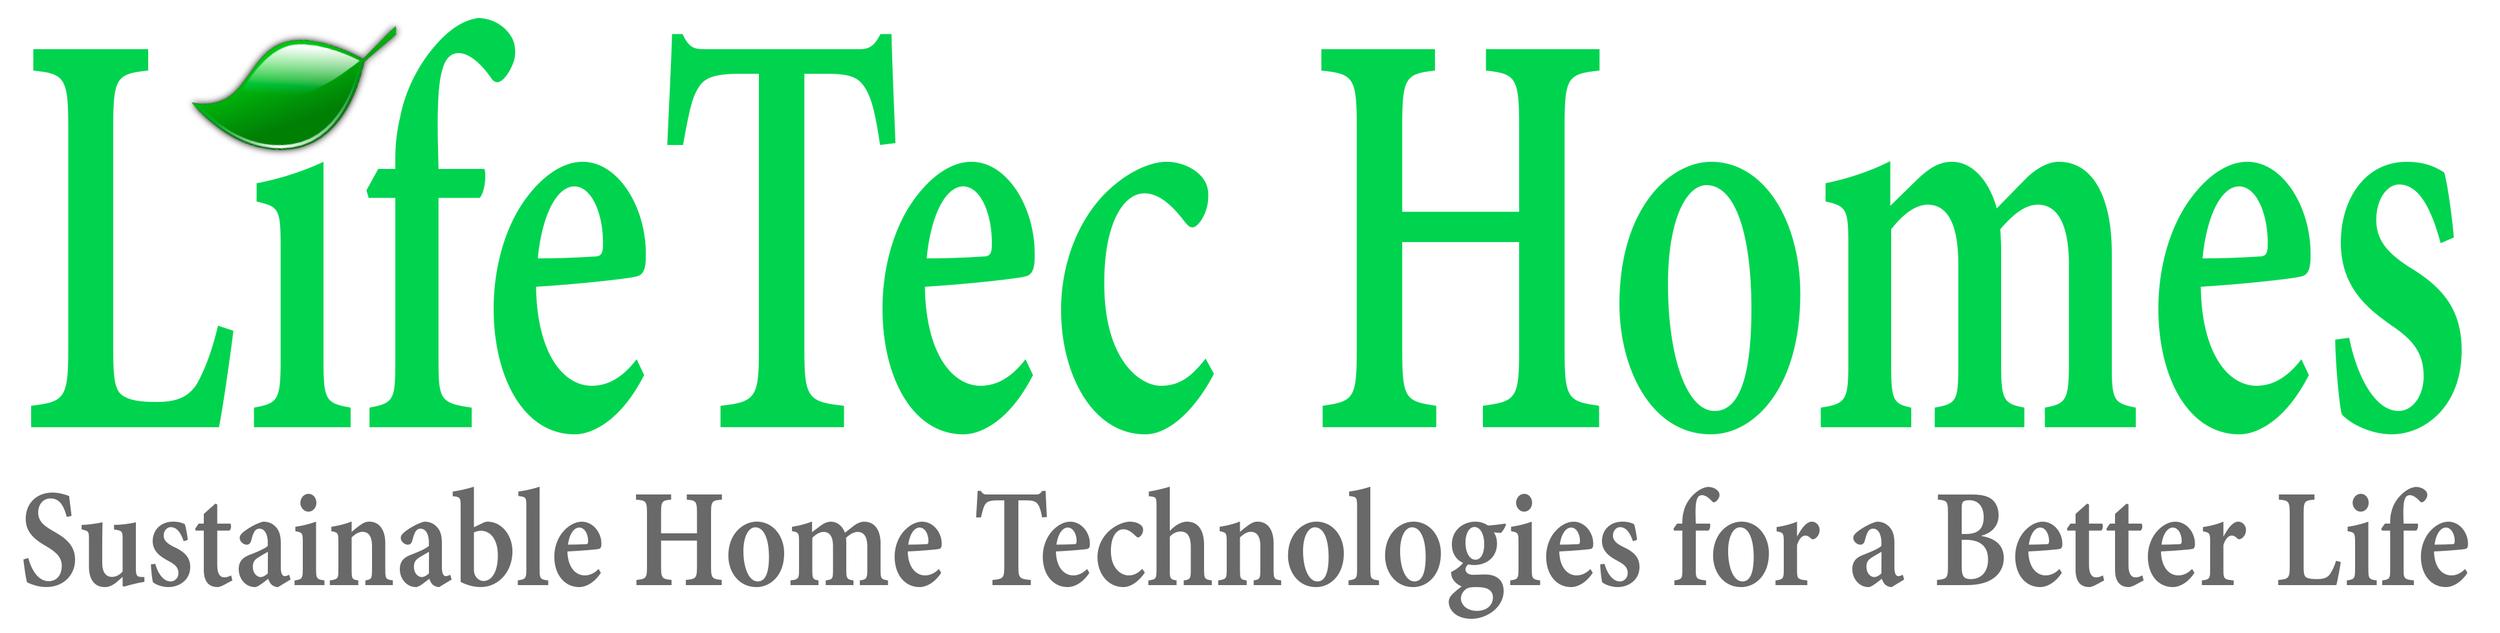 lifetec homes logo.png